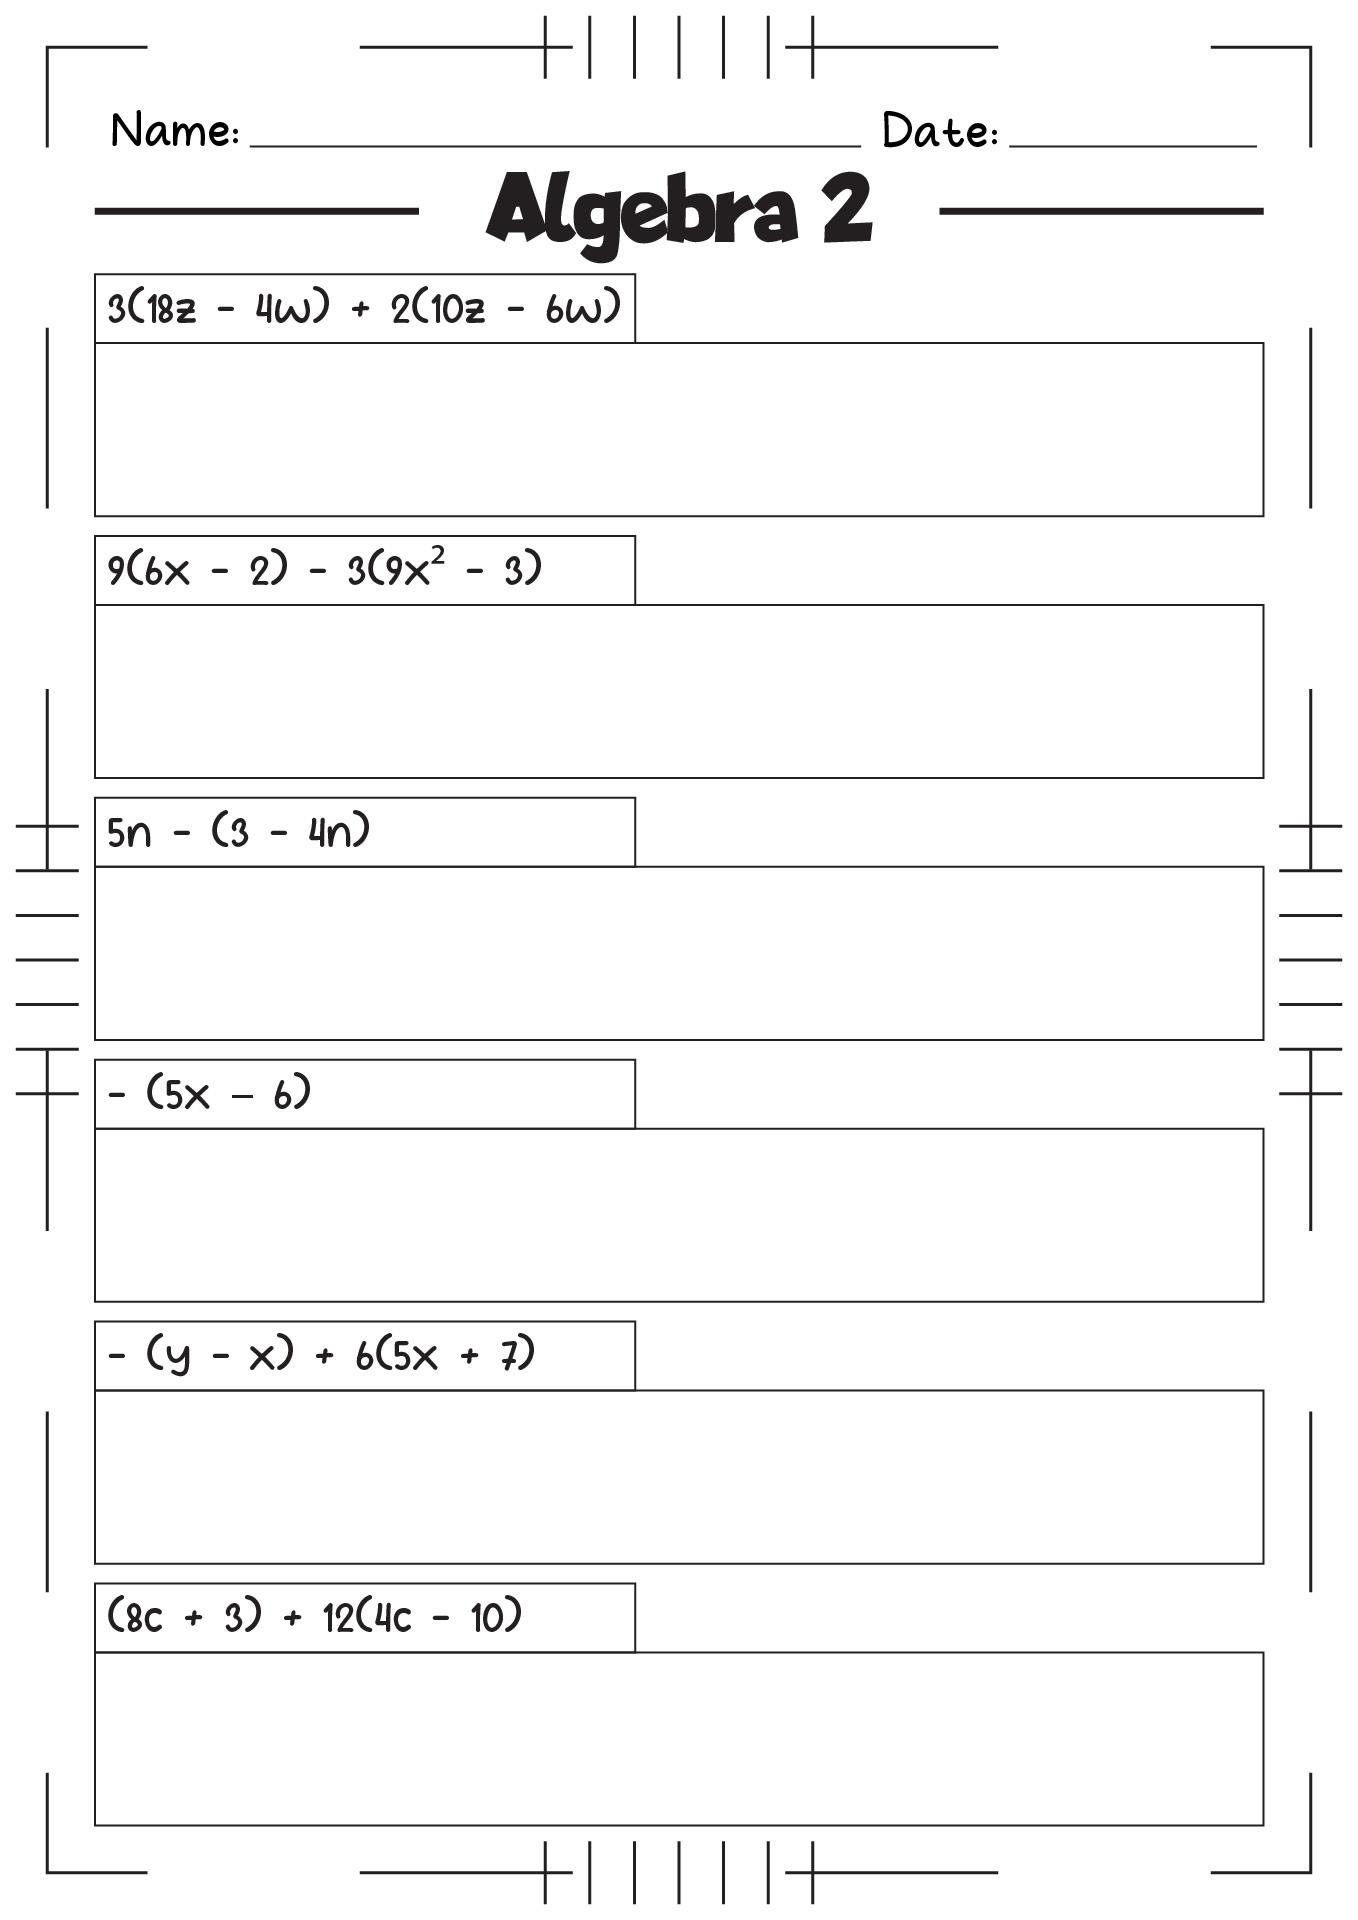 Algebra Worksheet Level 2